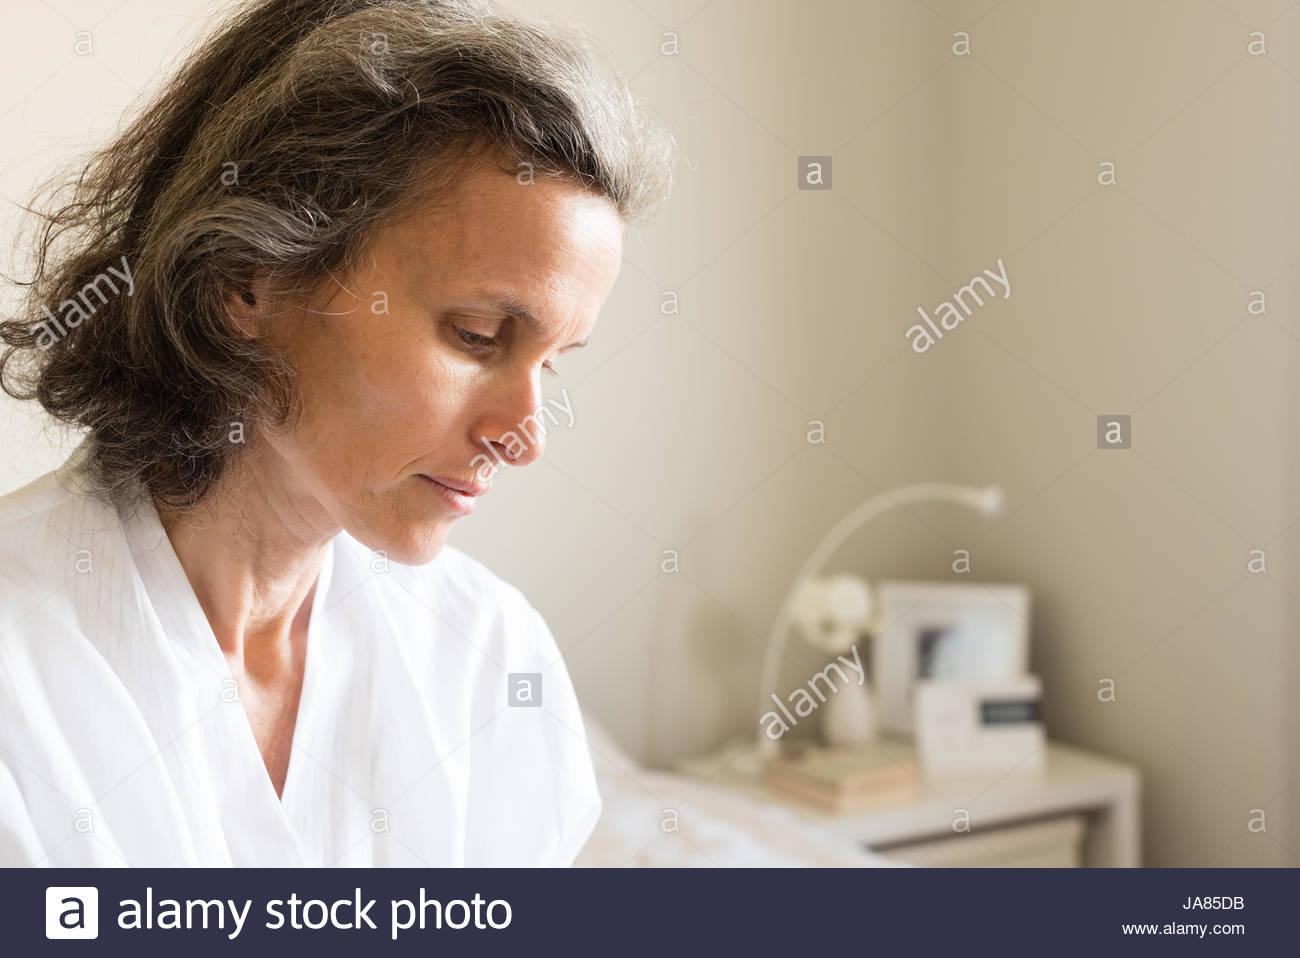 Höhenplan der mittlere gealterte Frau mit grauen Haaren sitzen auf Bett in weißem Gewand (Tiefenschärfe) Stockbild